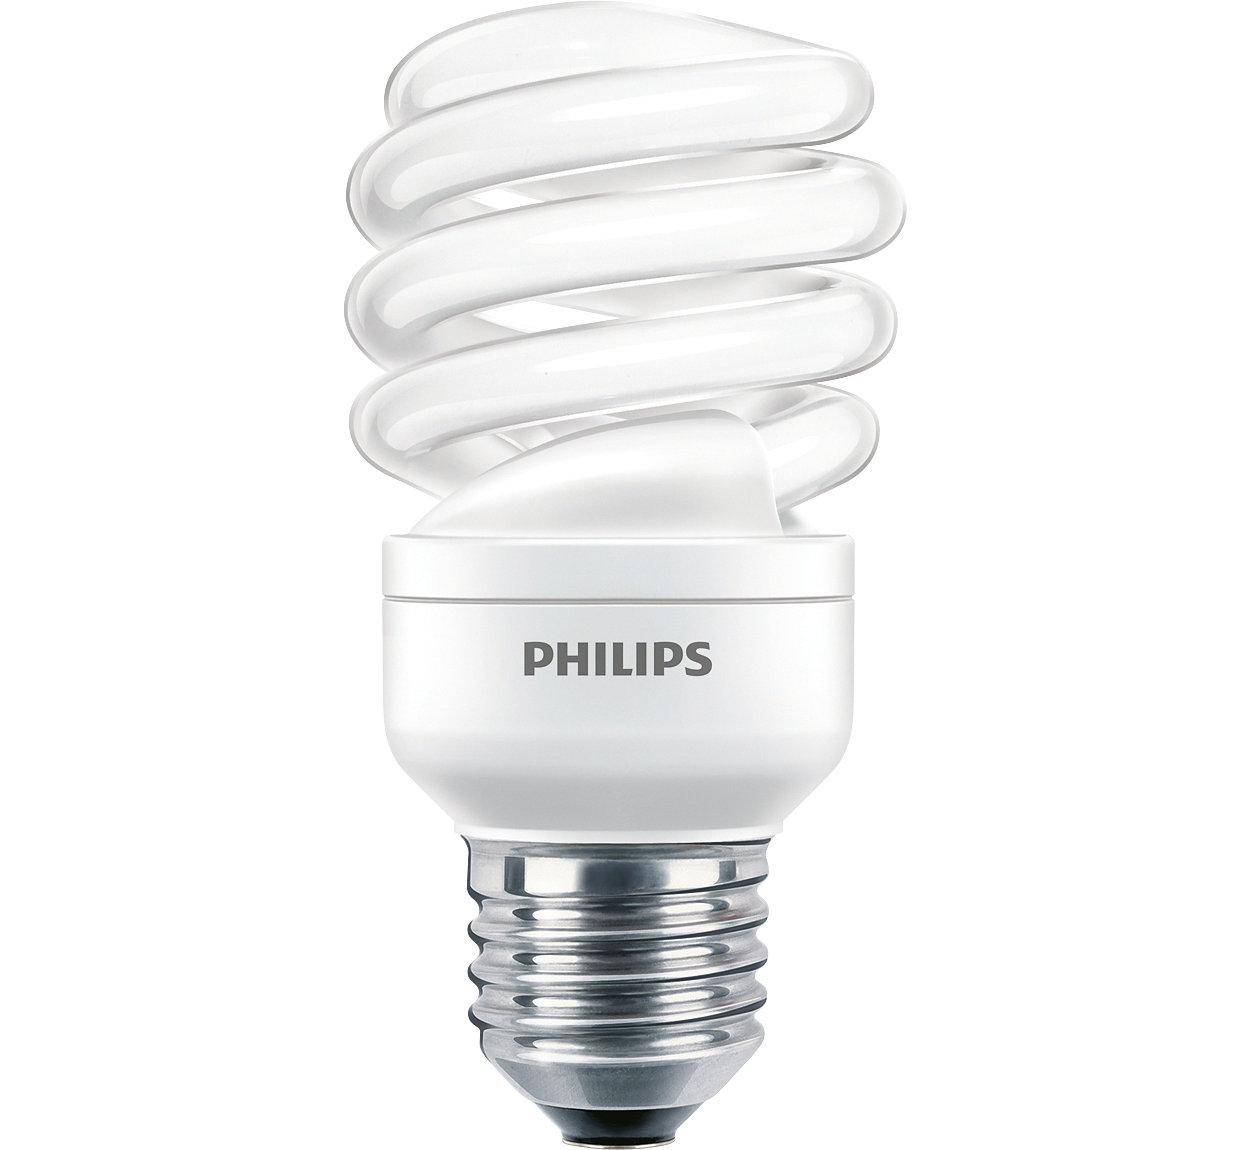 Remek energiahatékonyság kompakt formában